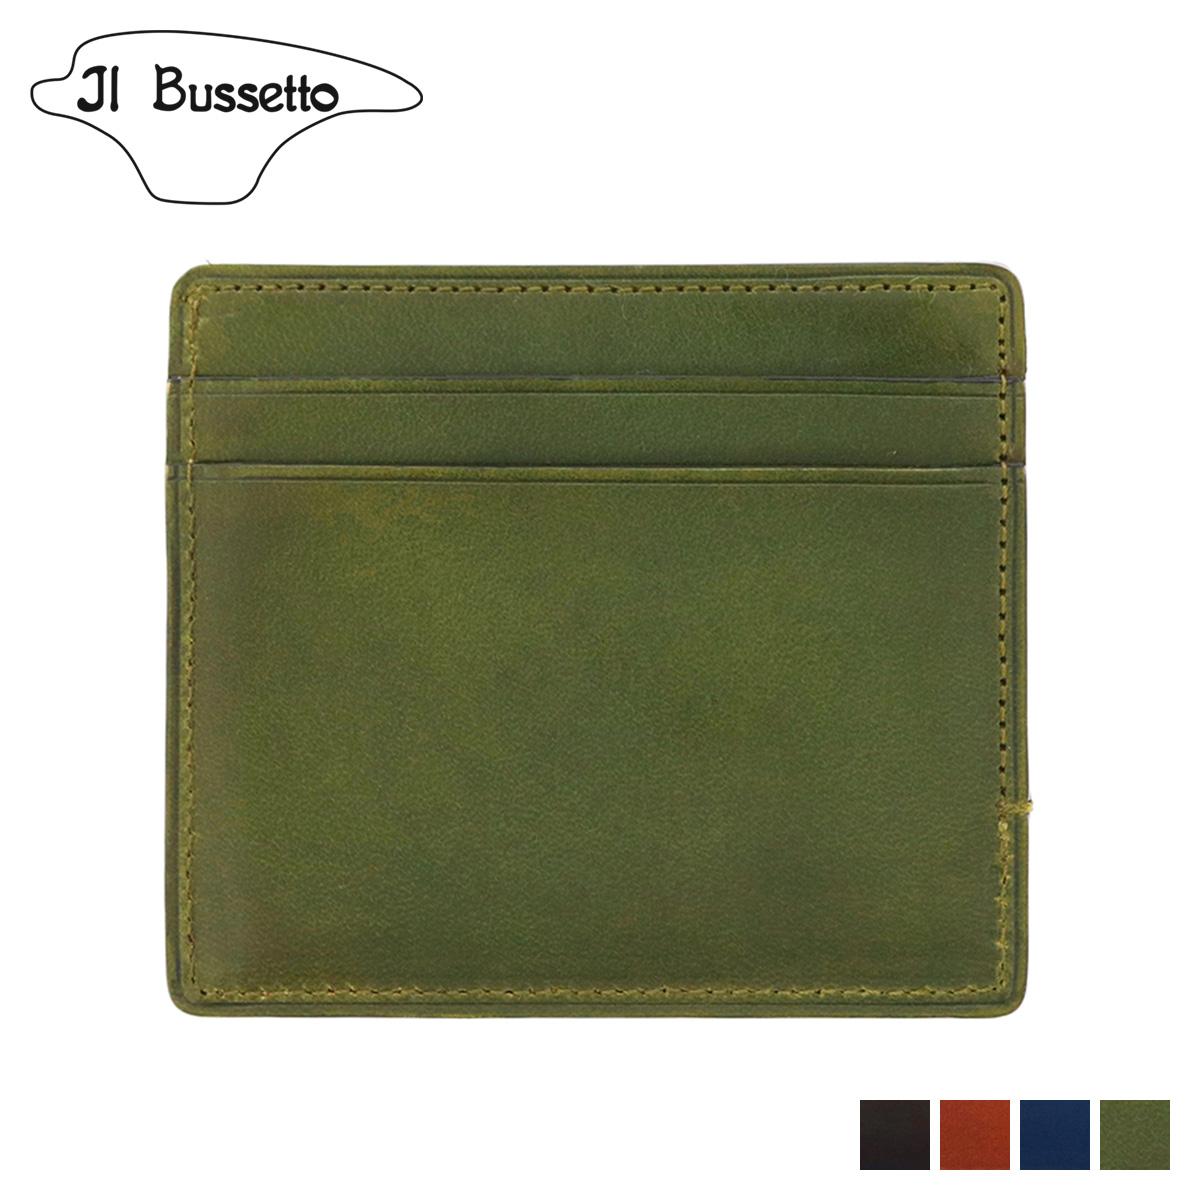 Il Bussetto COMPACT WALLET イルブセット 財布 コインケース 小銭入れ コンパクトウォレット メンズ レディース 本革 ダークブラウン ブラウン ブルー グリーン 781523